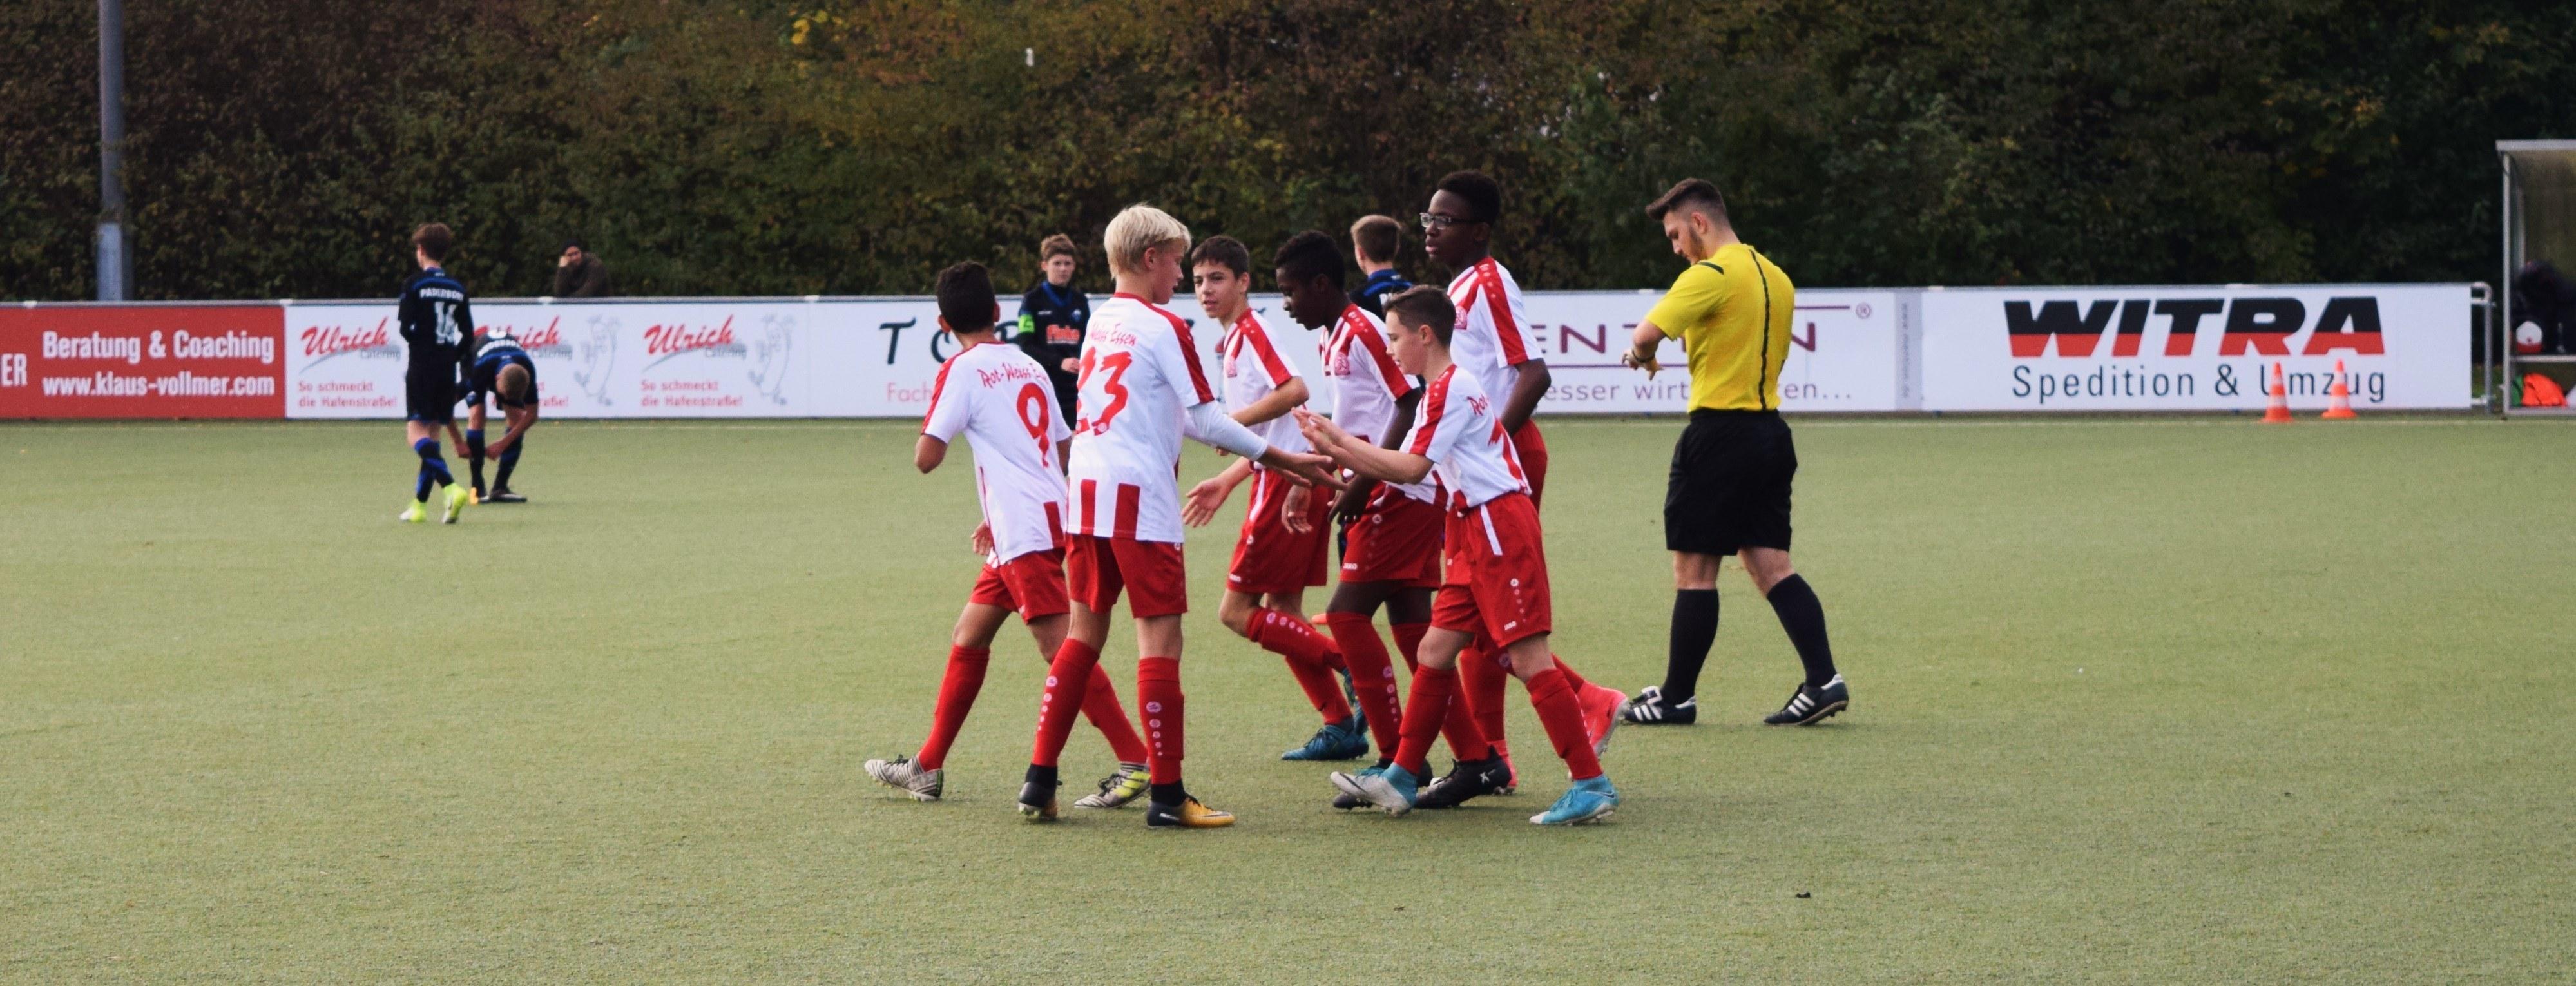 Die rot-weisse U14 sicherte sich am vergangenen Wochenende den Turniersieg beim Beauty-Hair-Store-Cup in Kleinenbroich.